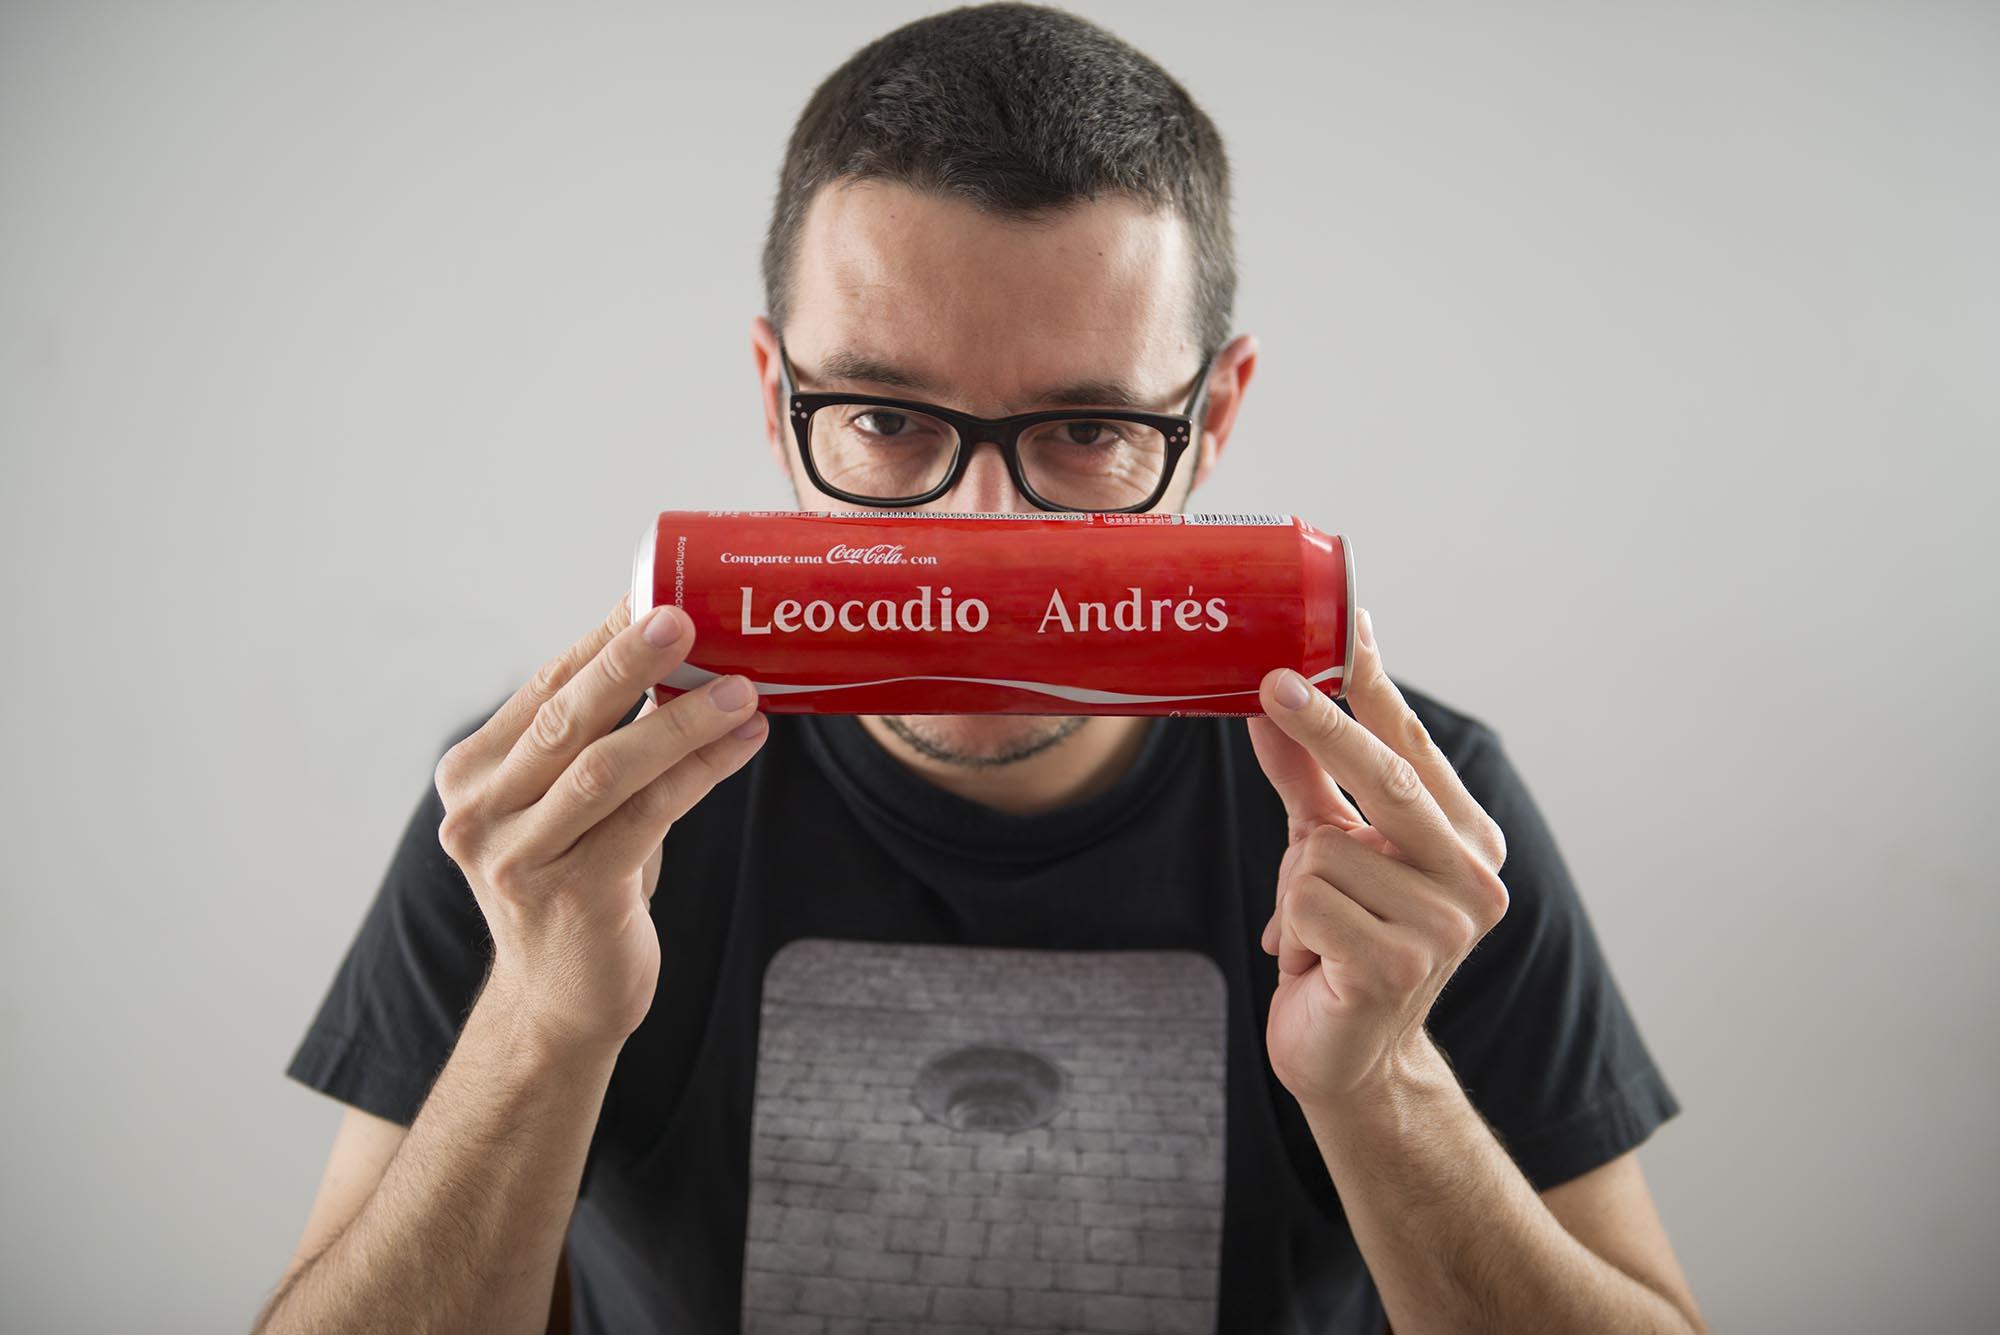 Leocadio Andrés